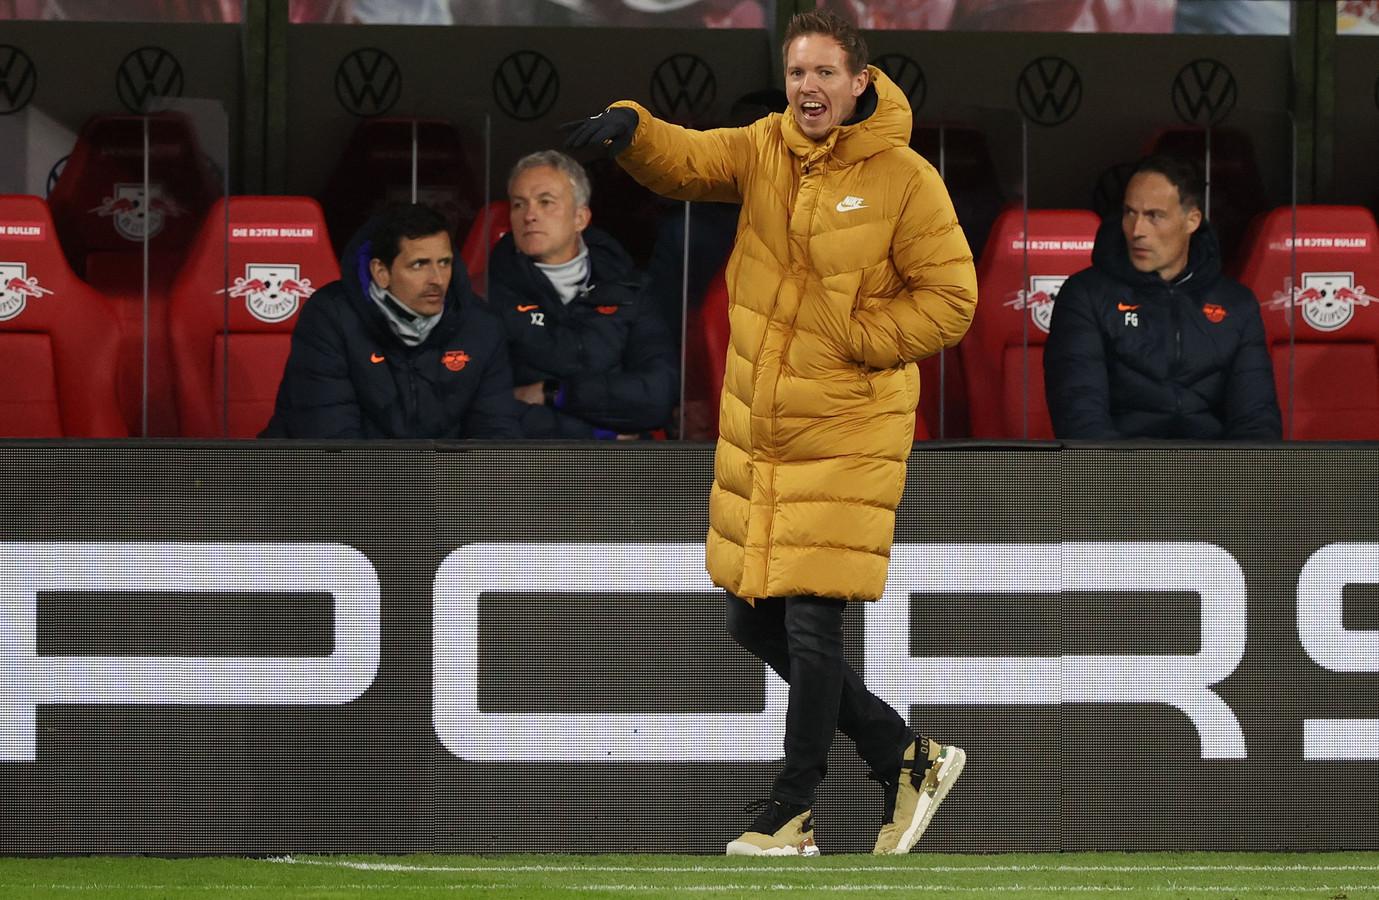 Volgens Lothar Matthäus moet Julian Nagelsmann de opvolger van Hansi Flick bij Bayern München worden.